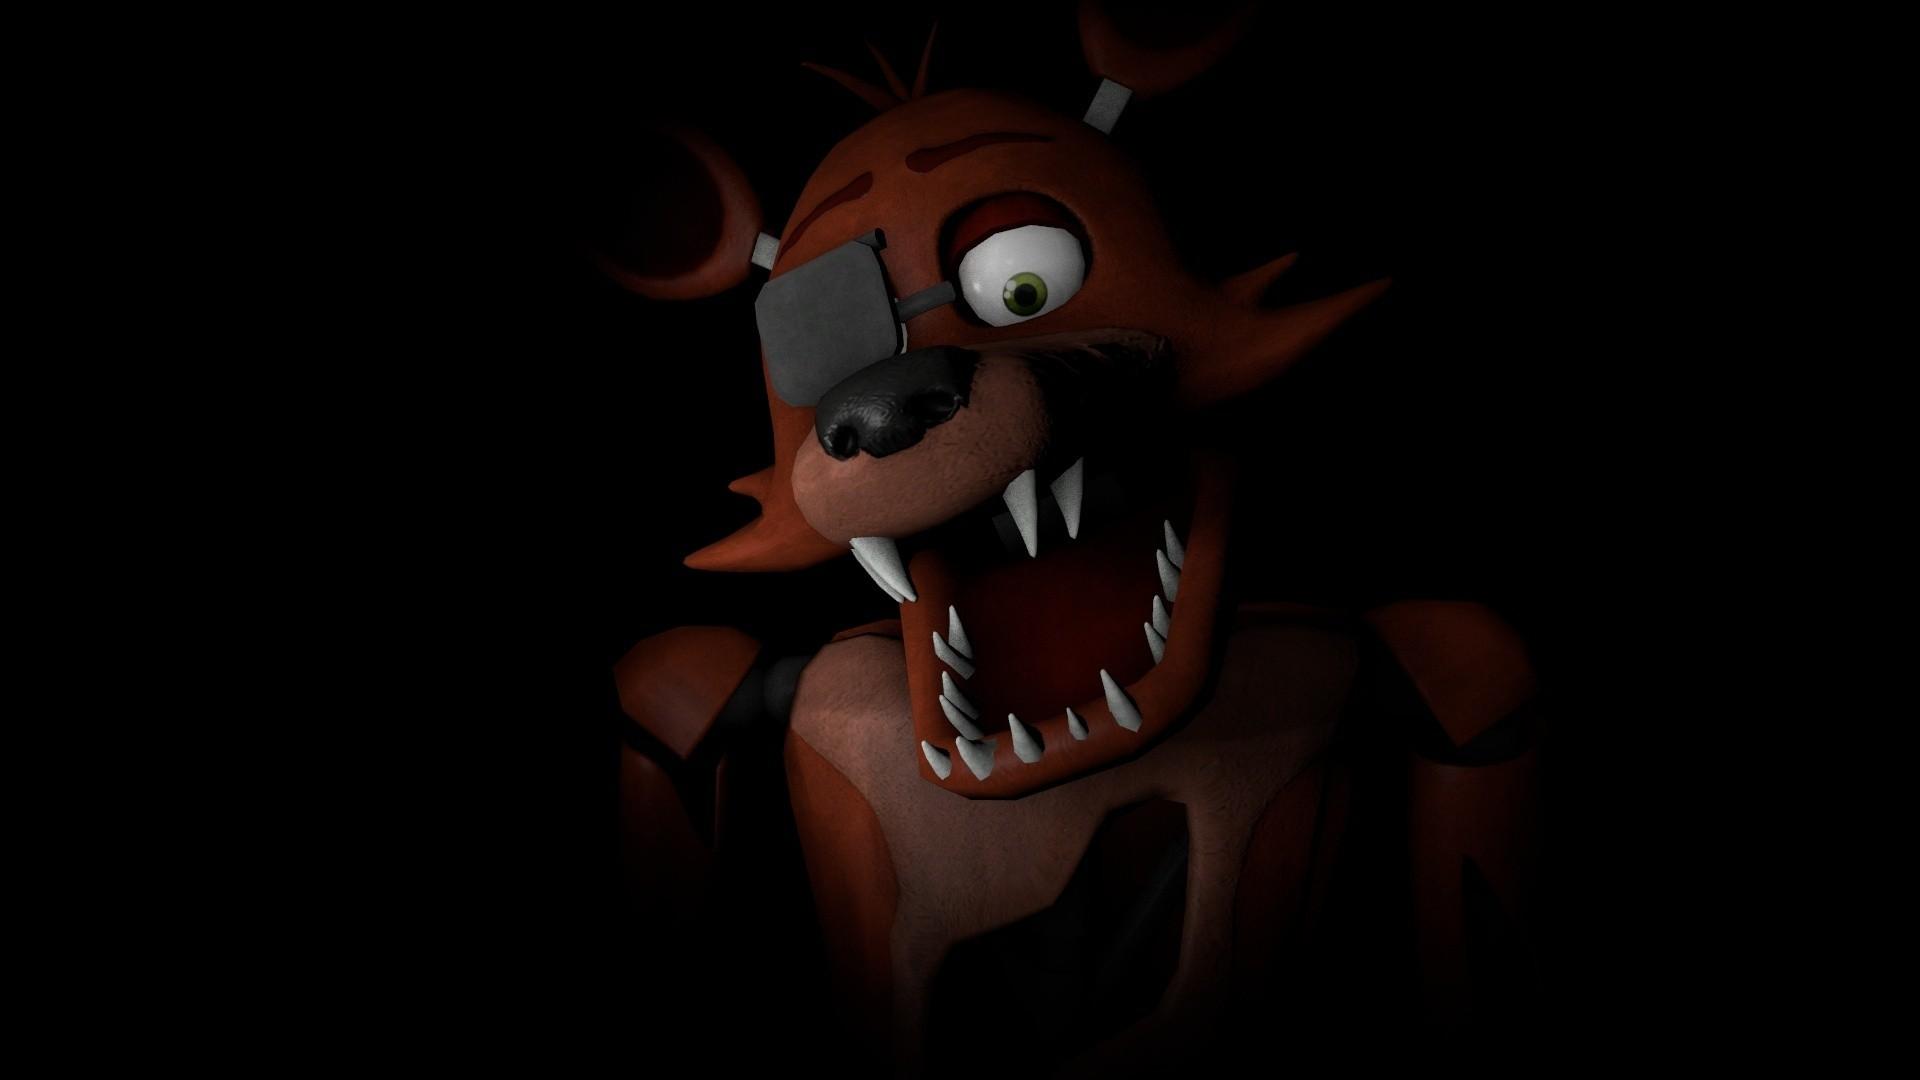 Fnaf, Horror Game, Foxy, Five Nights At Freddys, Five Nights At Freddys